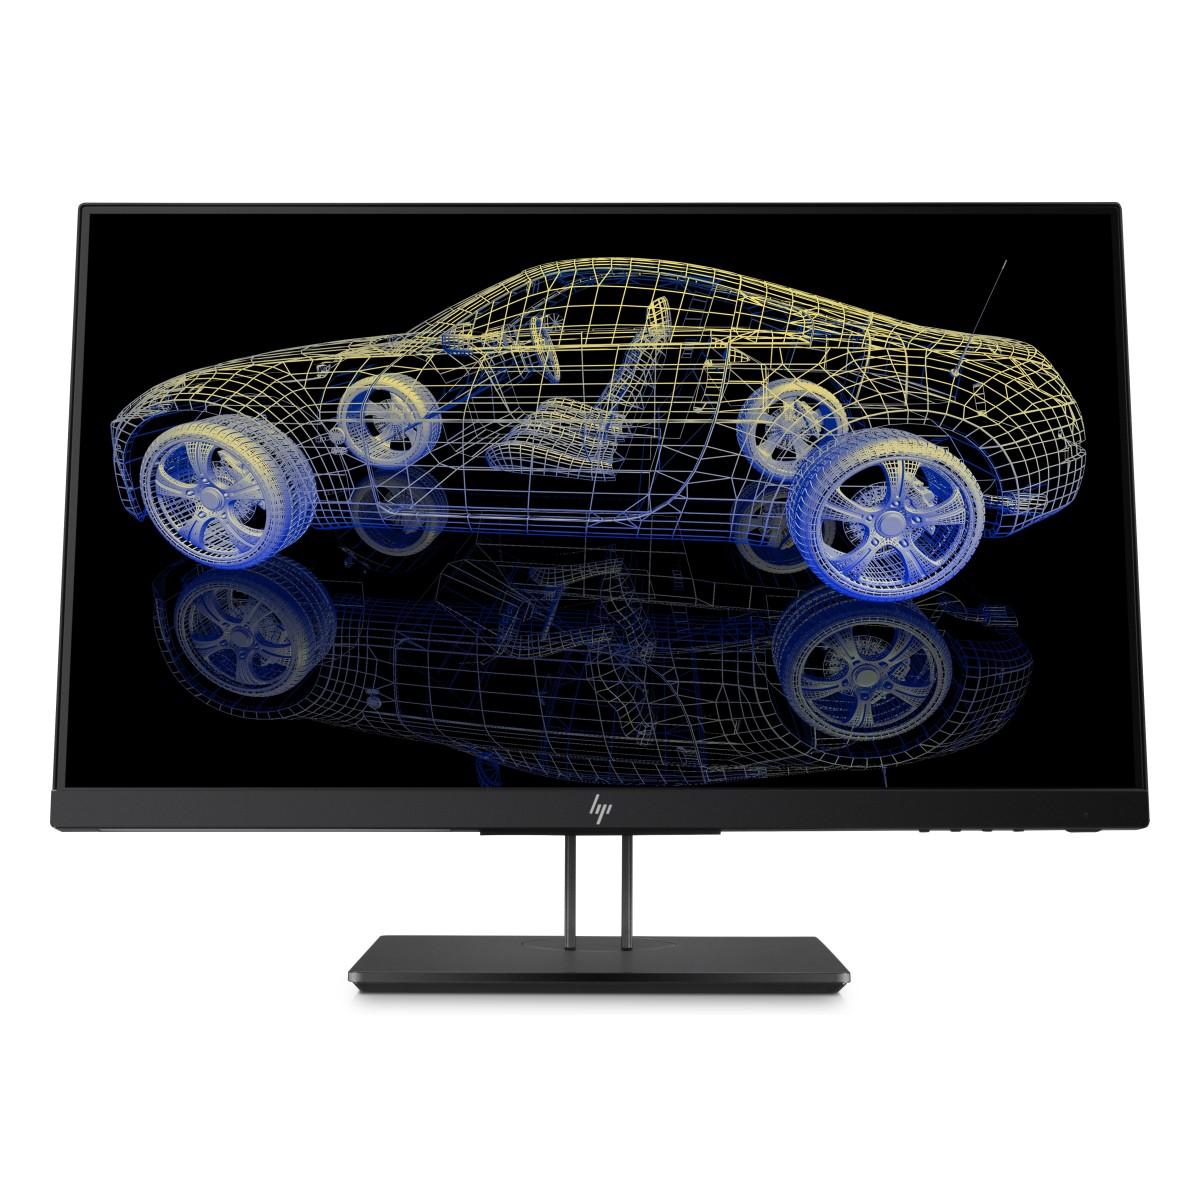 HP Z23n G2 23'' IPS FHD/250cd/5ms/1000:1/VGA, DP, HDMI, USB / 3/3/0